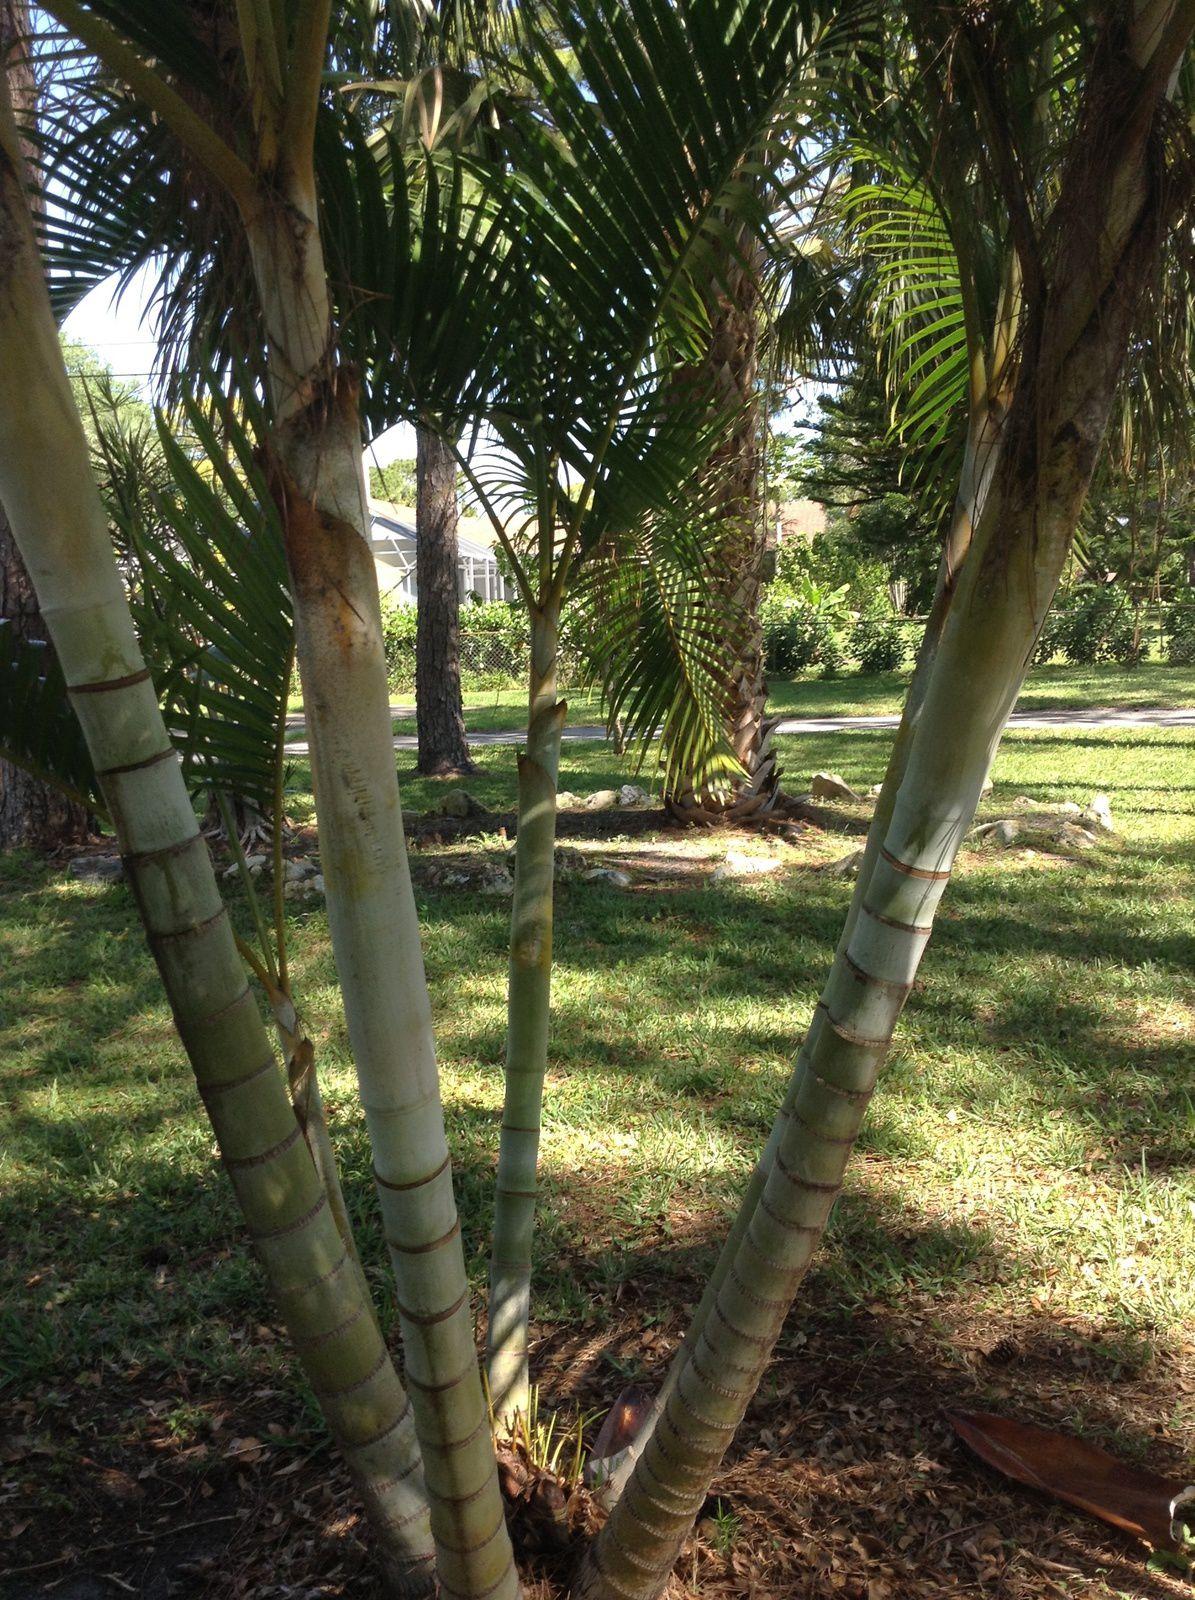 Végétation tropicale, tortues en convalescence, Mister Bunny , magnifique parc et chasse aux oeufs à West Palm Beach.